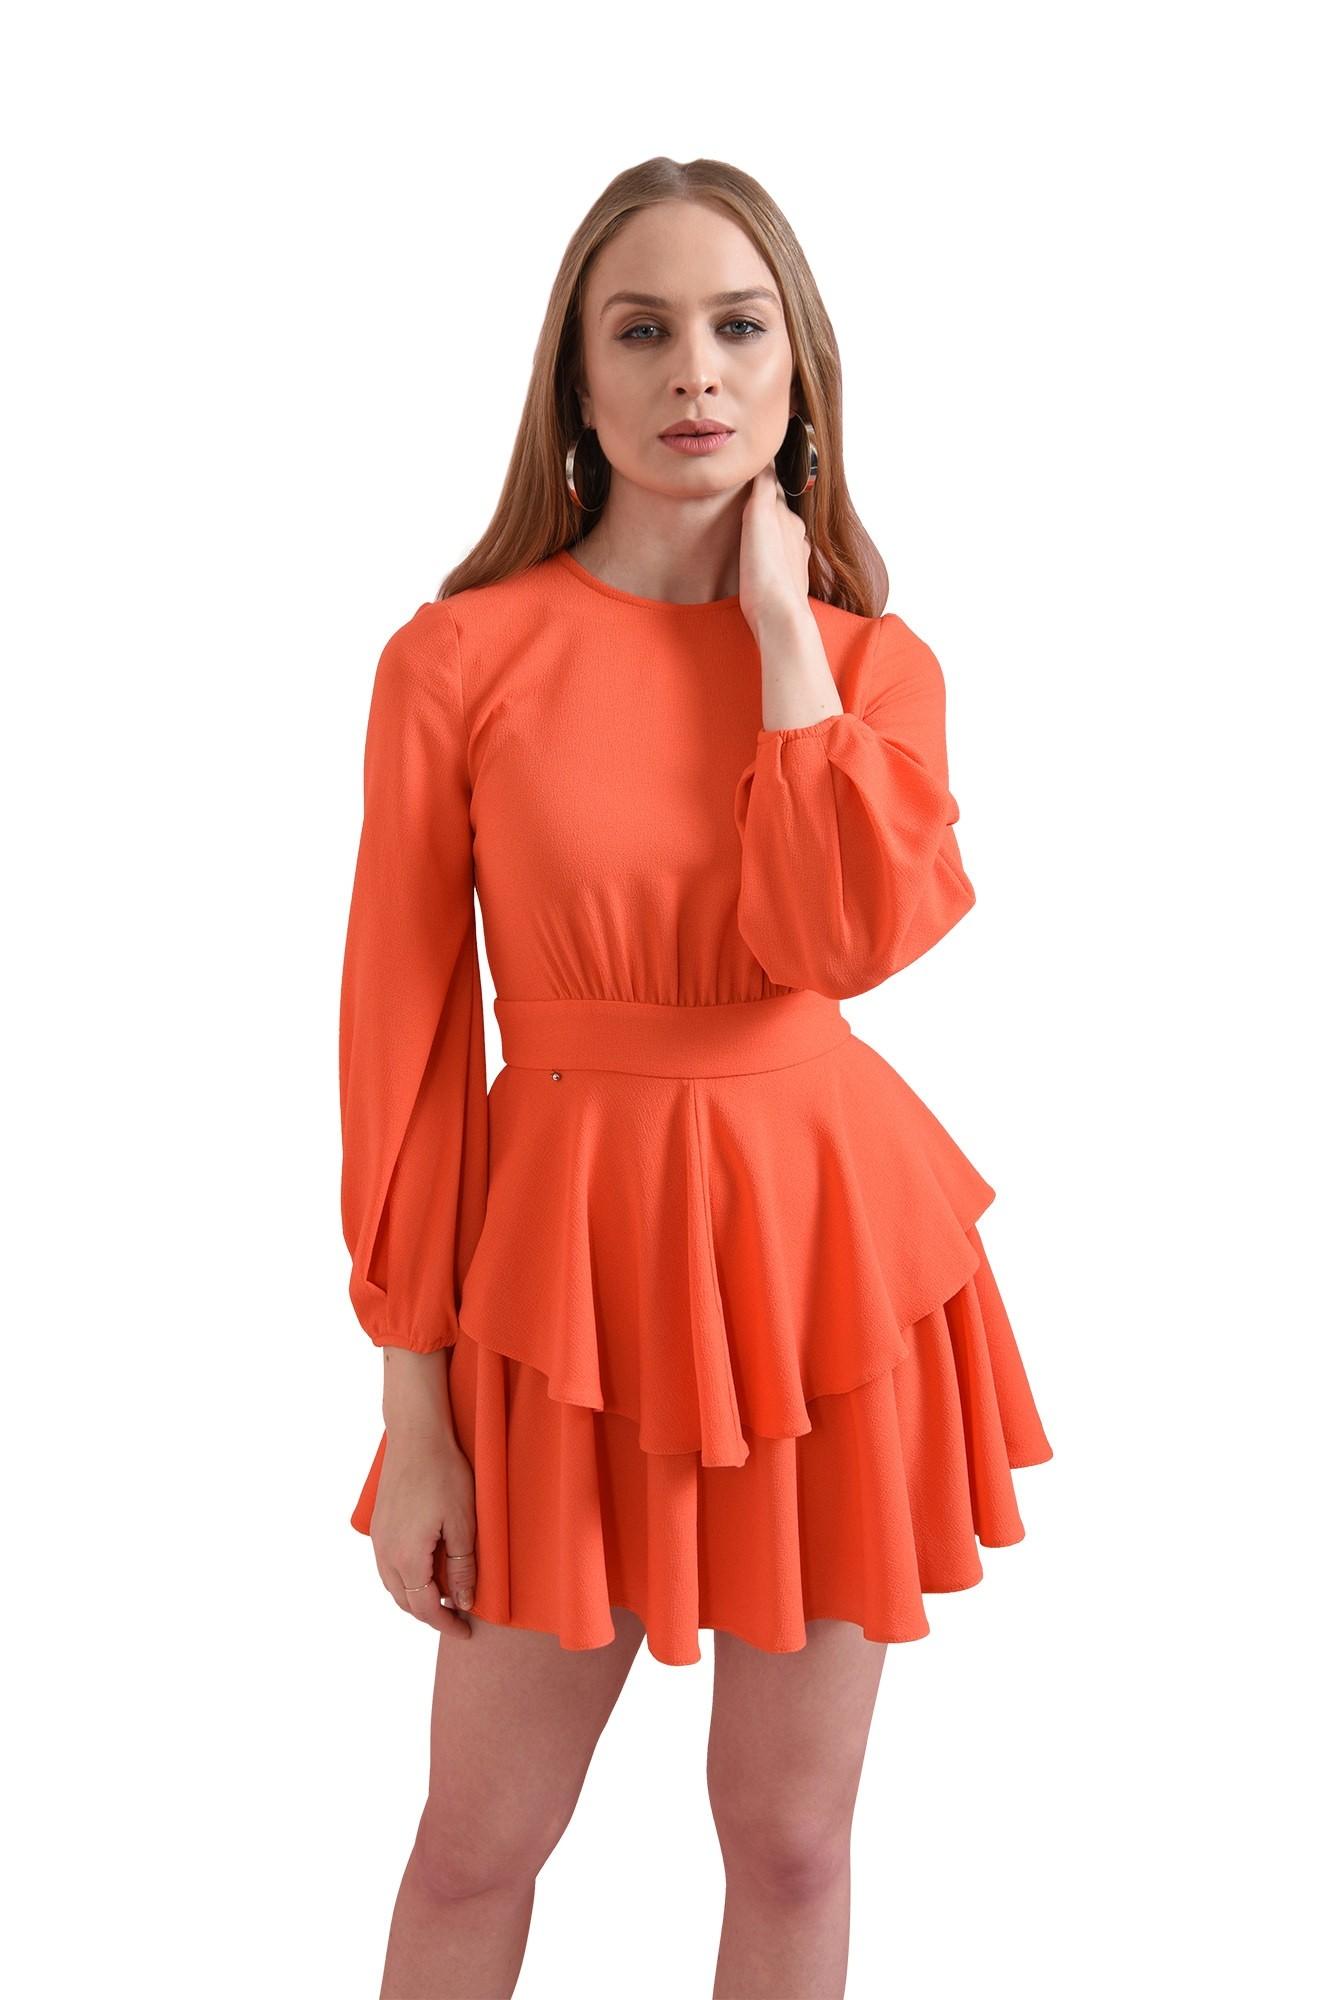 3 - rochie scurta, orange, cu volane